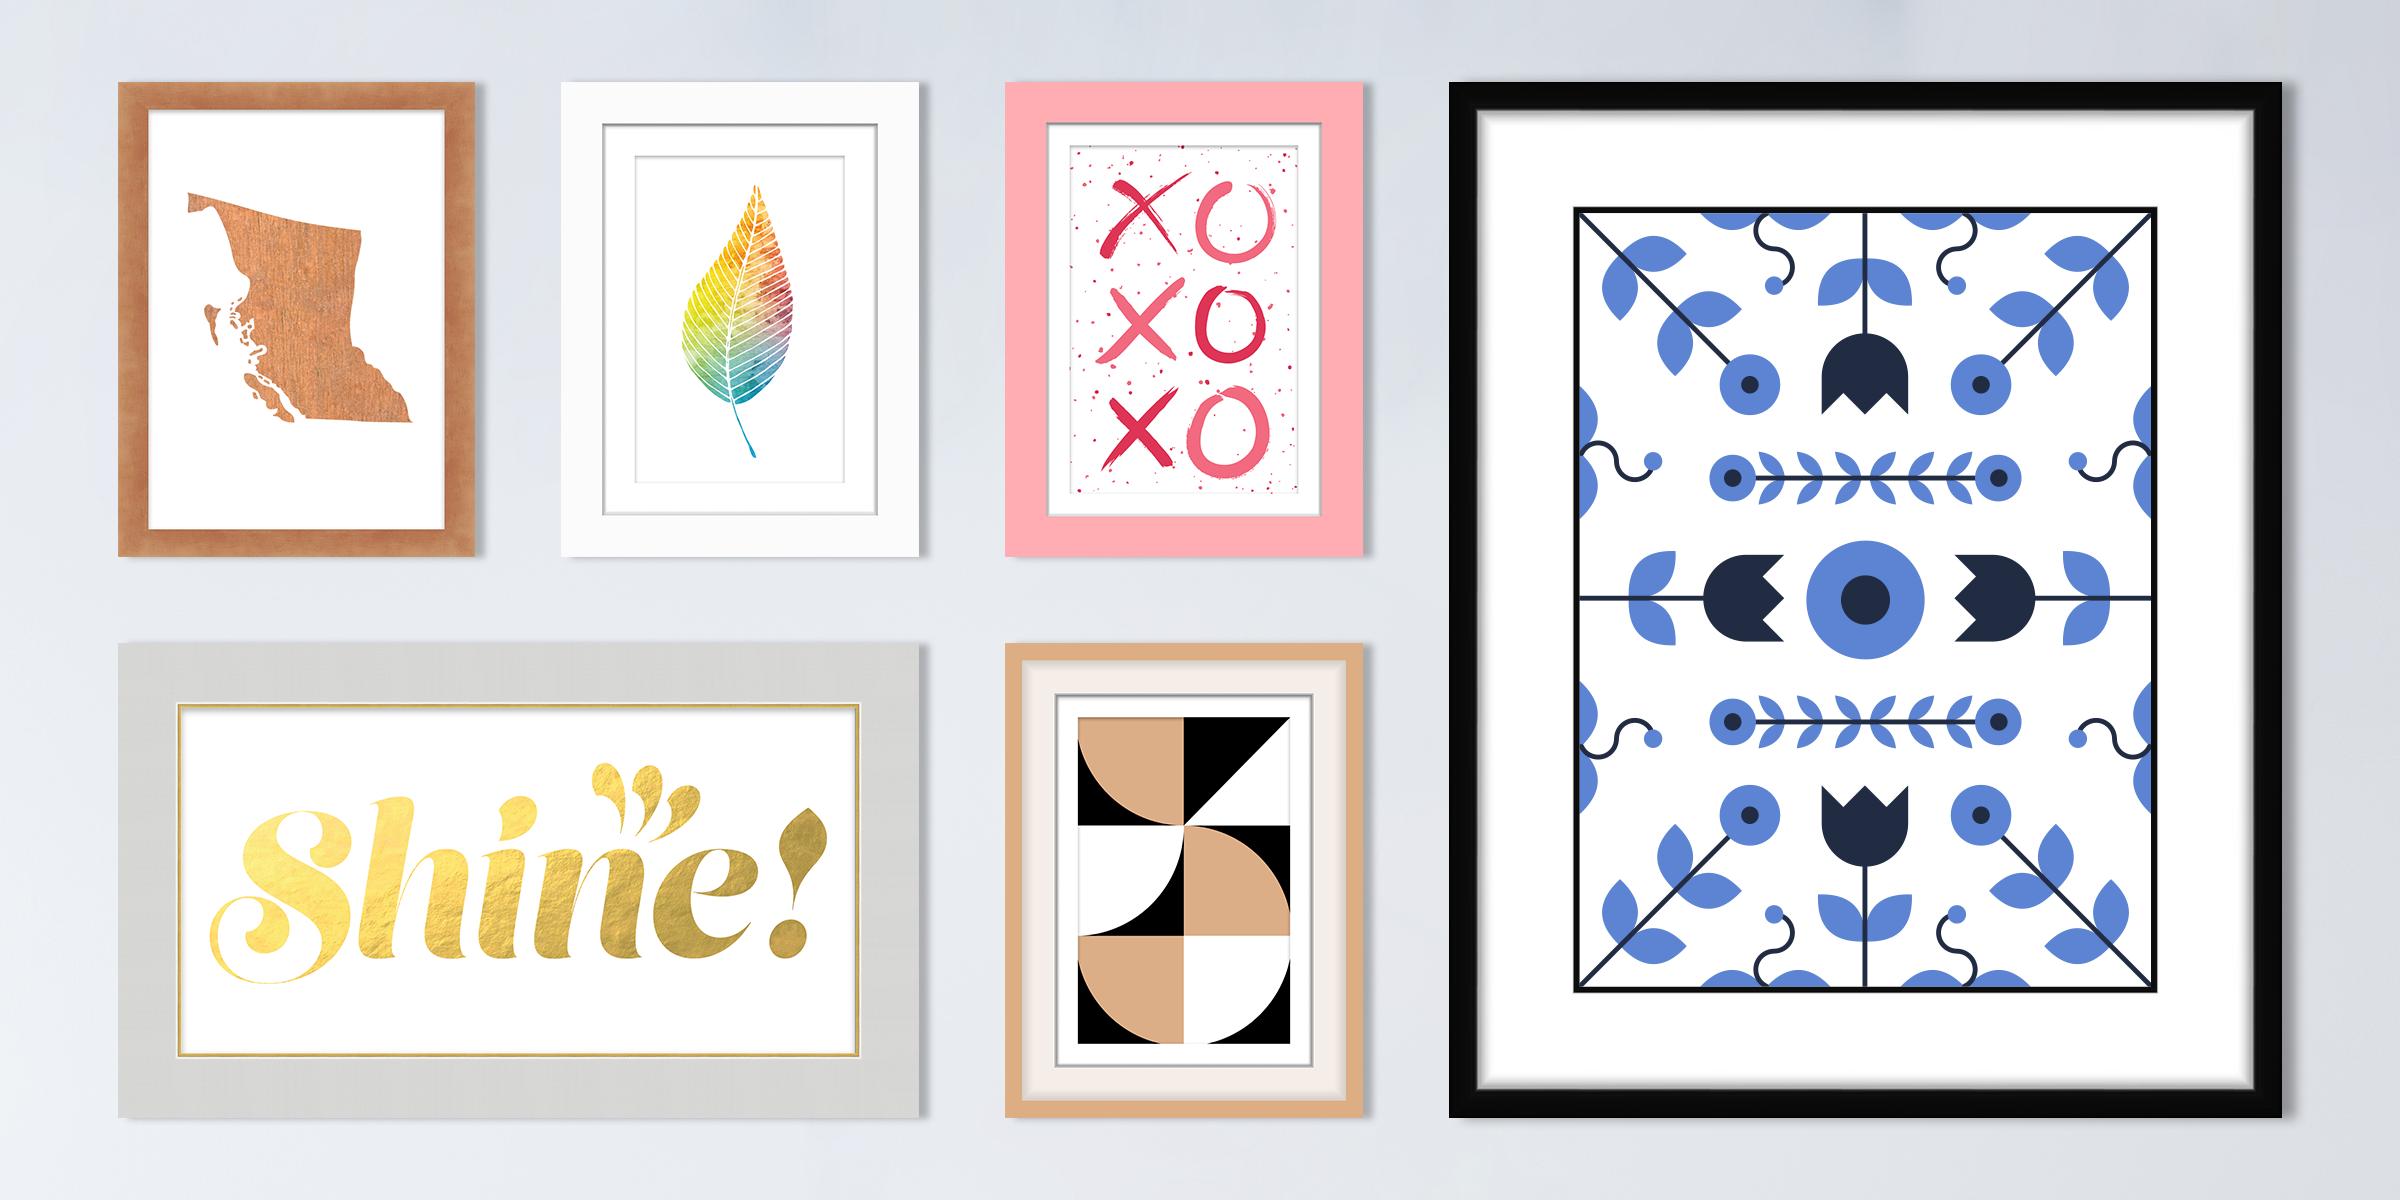 Frames for Etsy — ImageFramer for Mac